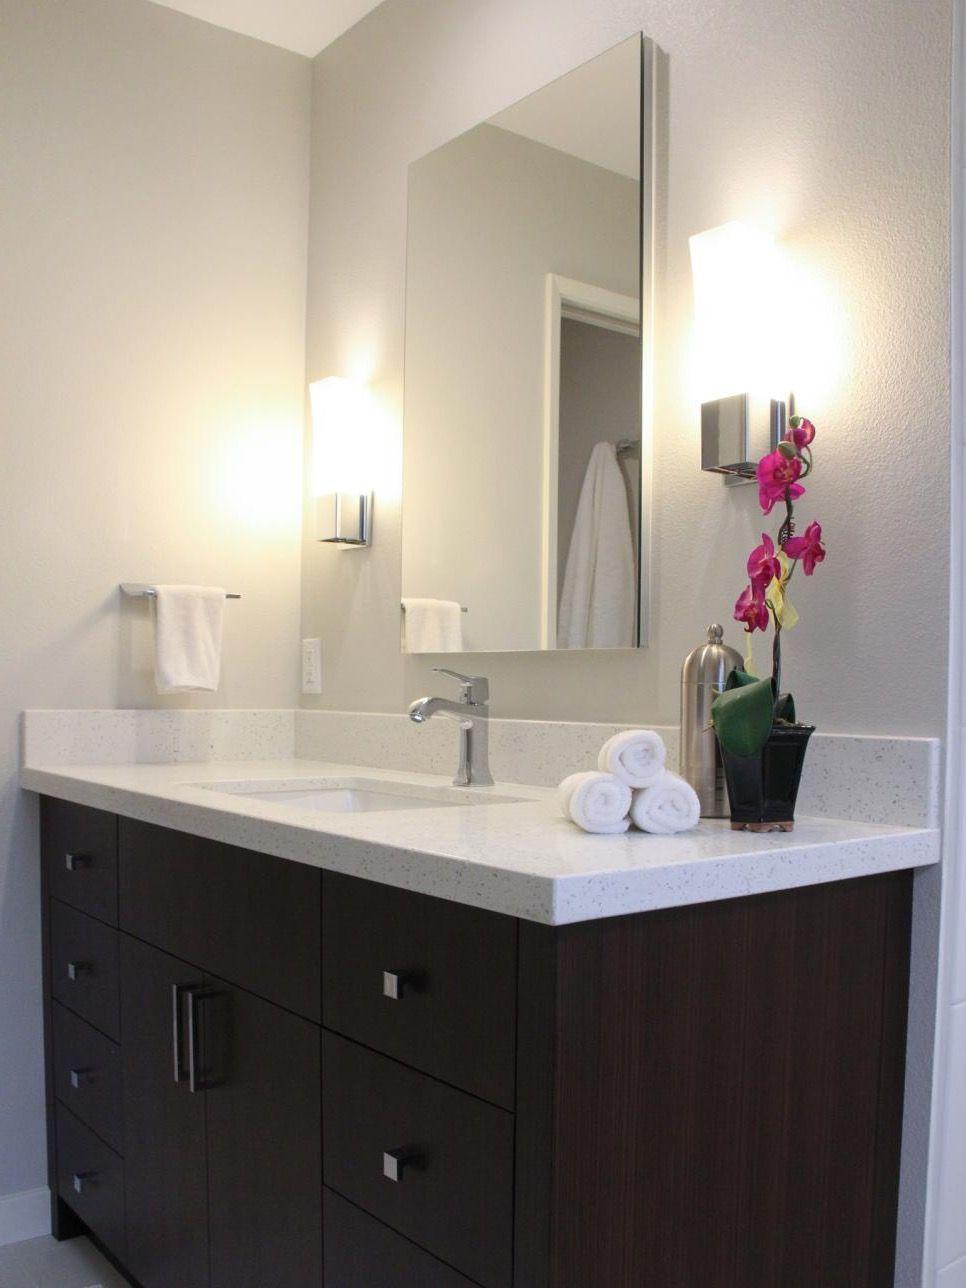 Badezimmer design beleuchtung  schöne moderne badezimmer beleuchtung ideen  badezimmer